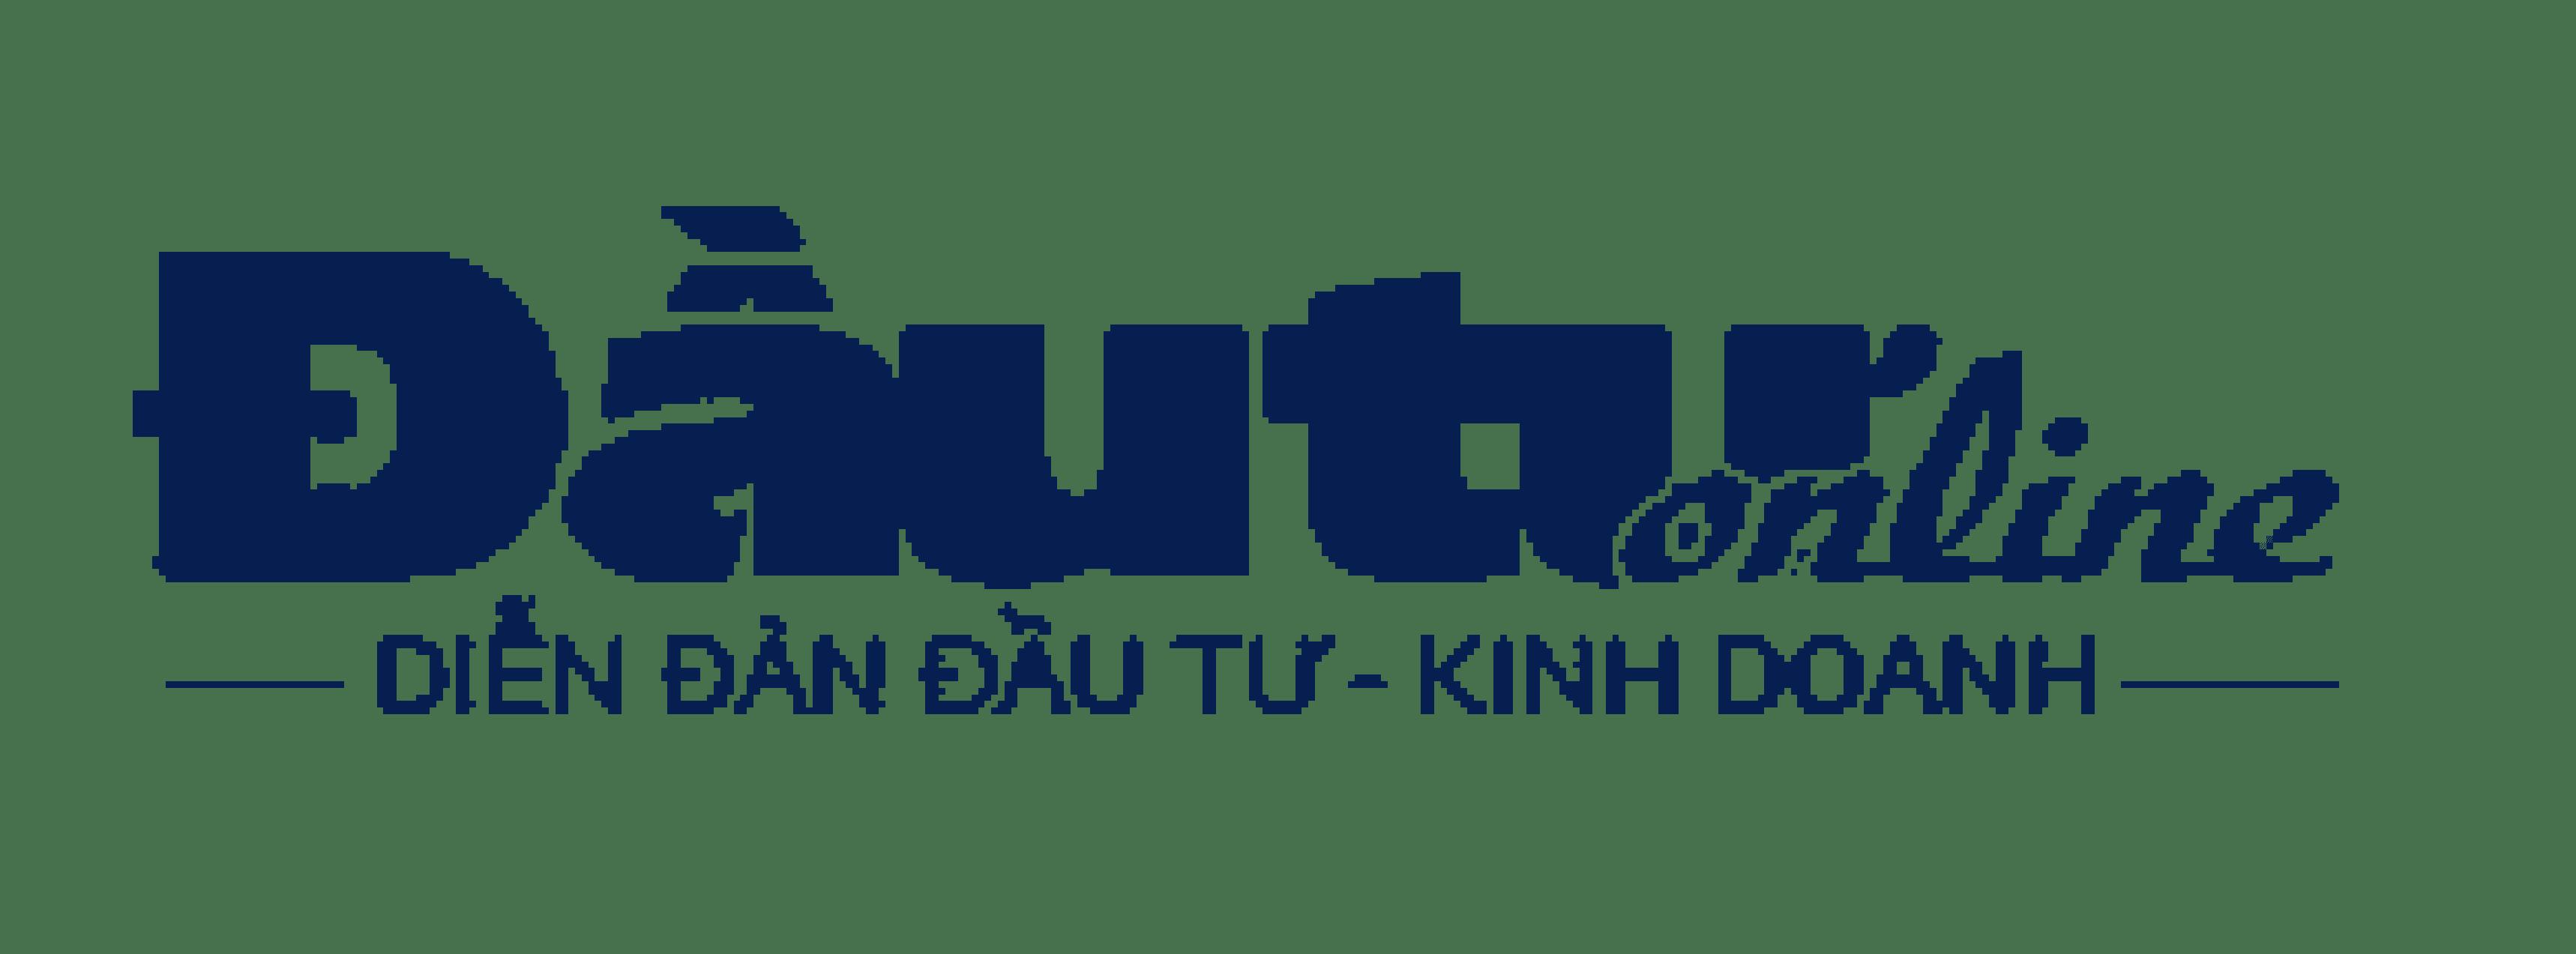 bao-dau-tu